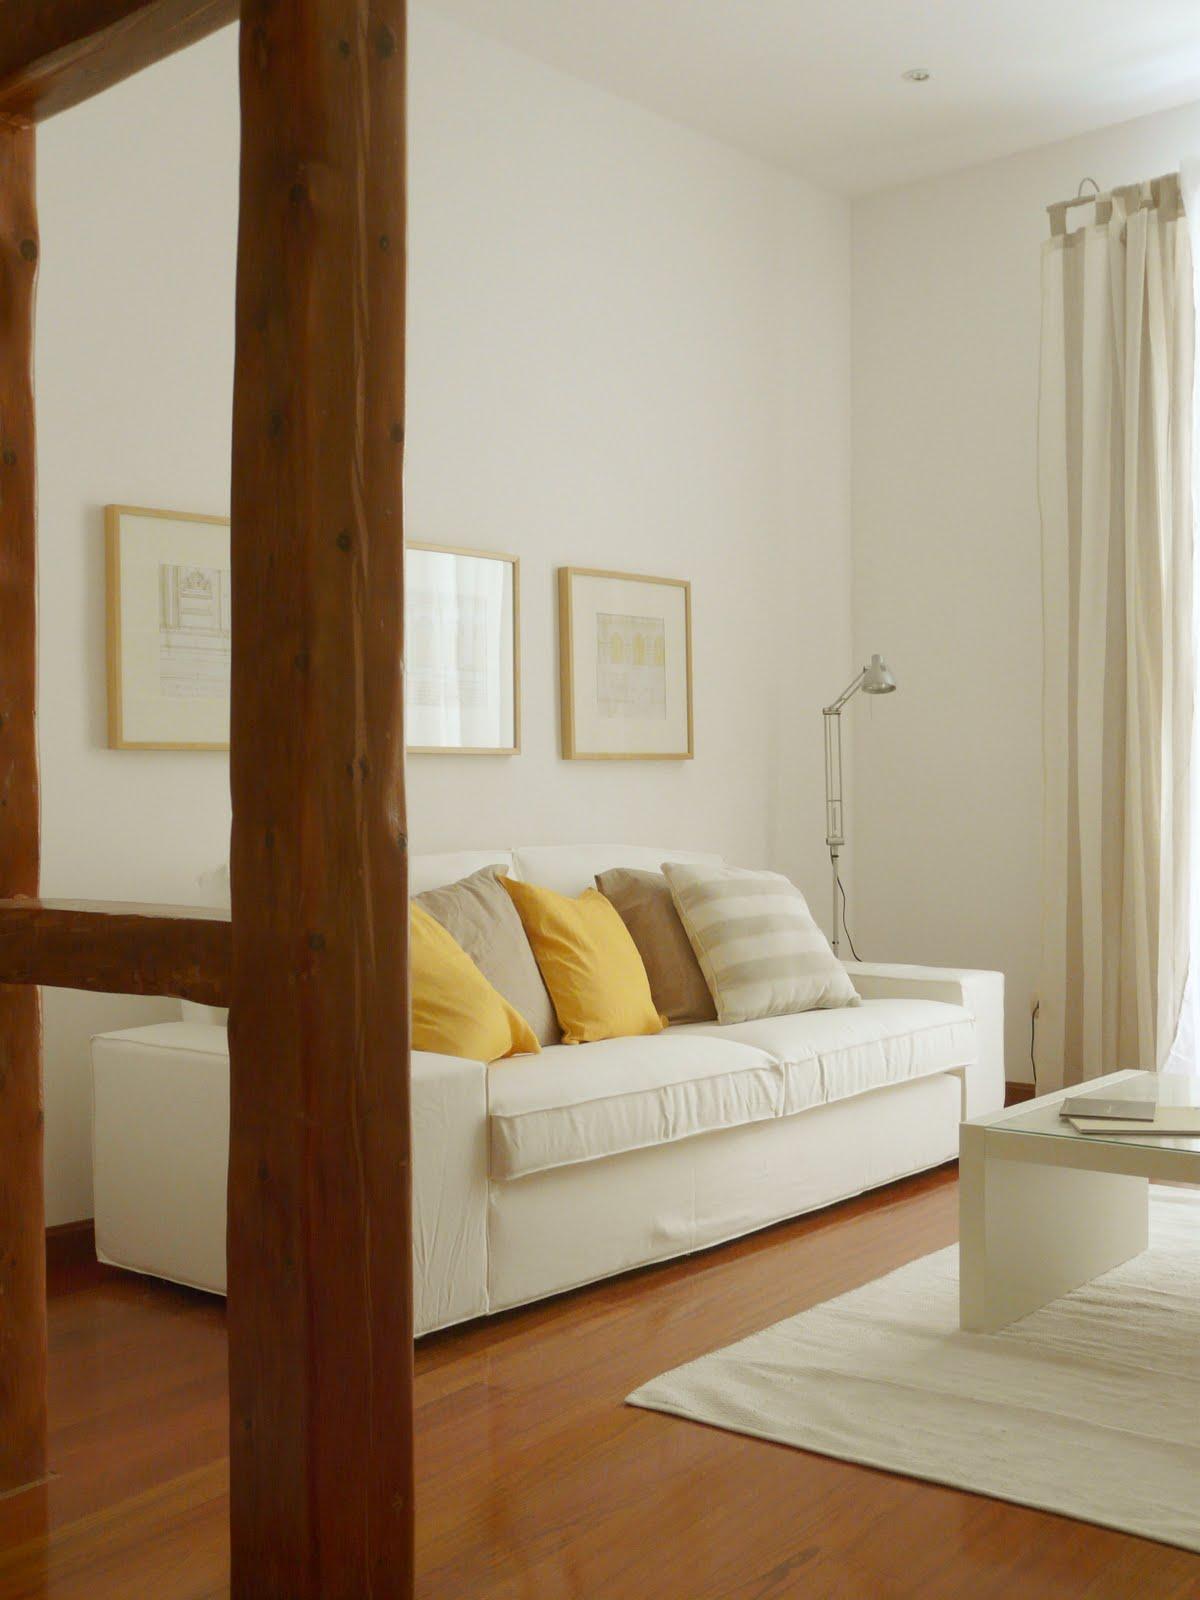 Trazoatrazo amueblamiento pisos piloto coste de la intervenci n 1476 44 - Coste reforma piso ...